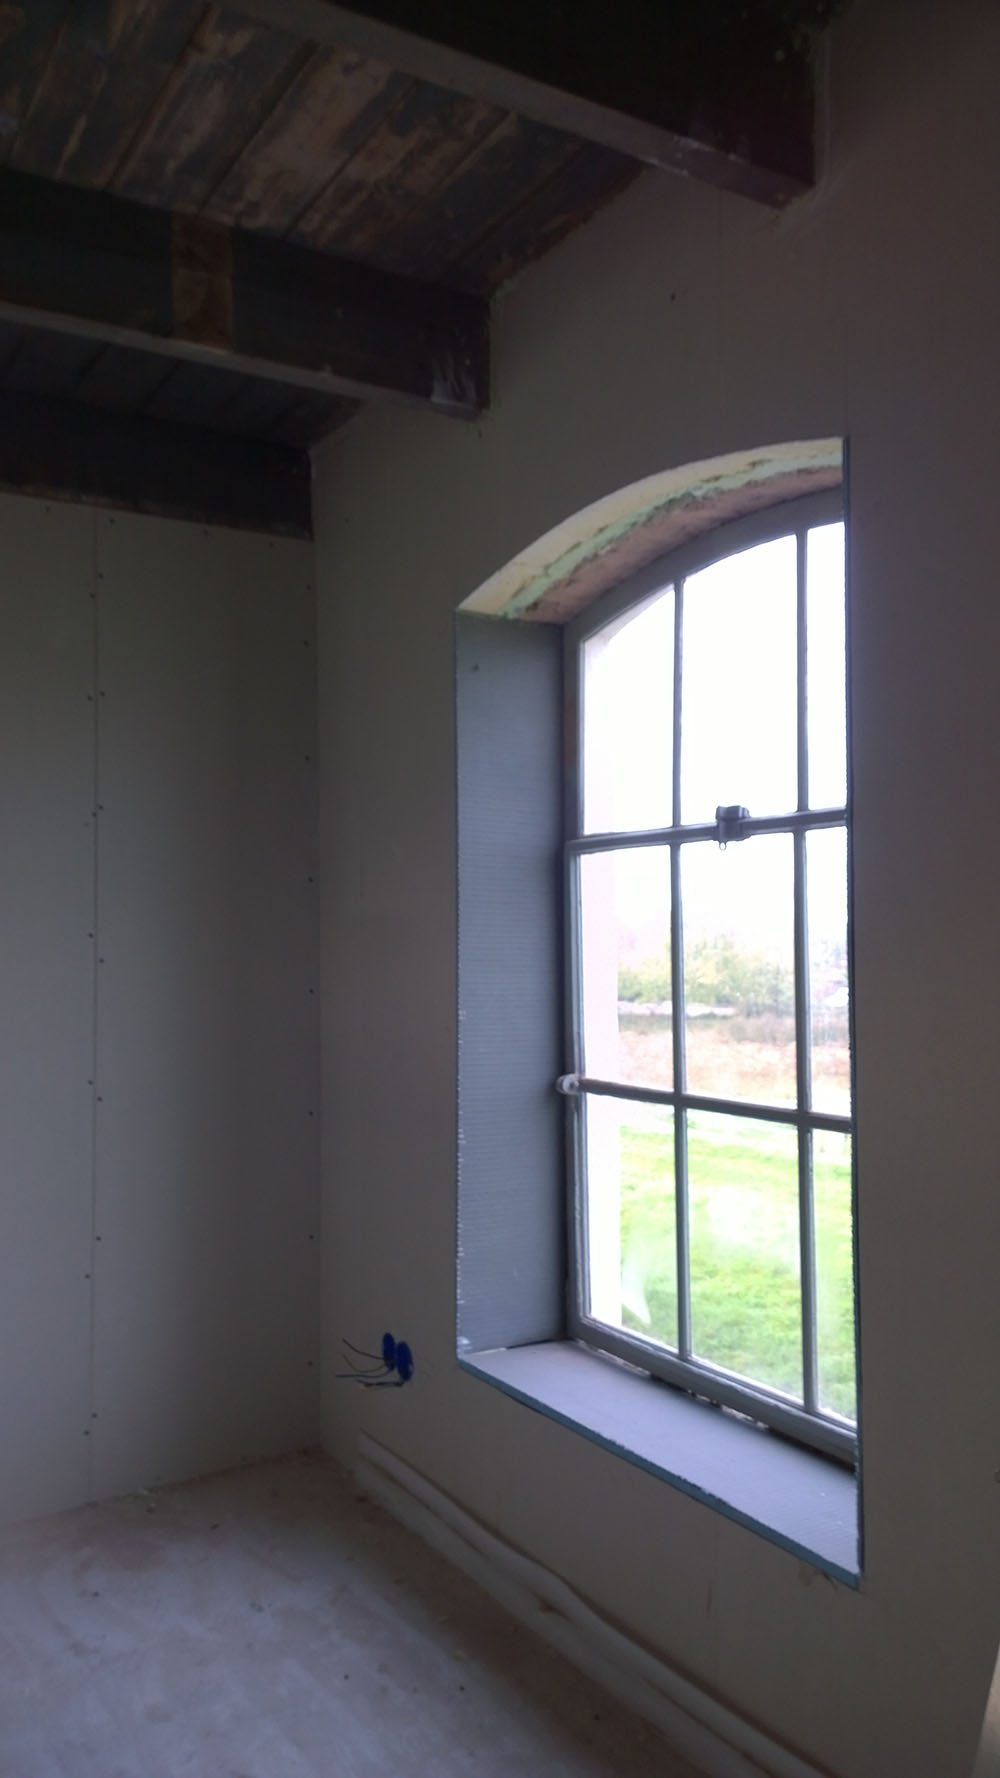 Faay Wanden en Plafonds - W'all-in-one - Basic panelen - Philipsdorp